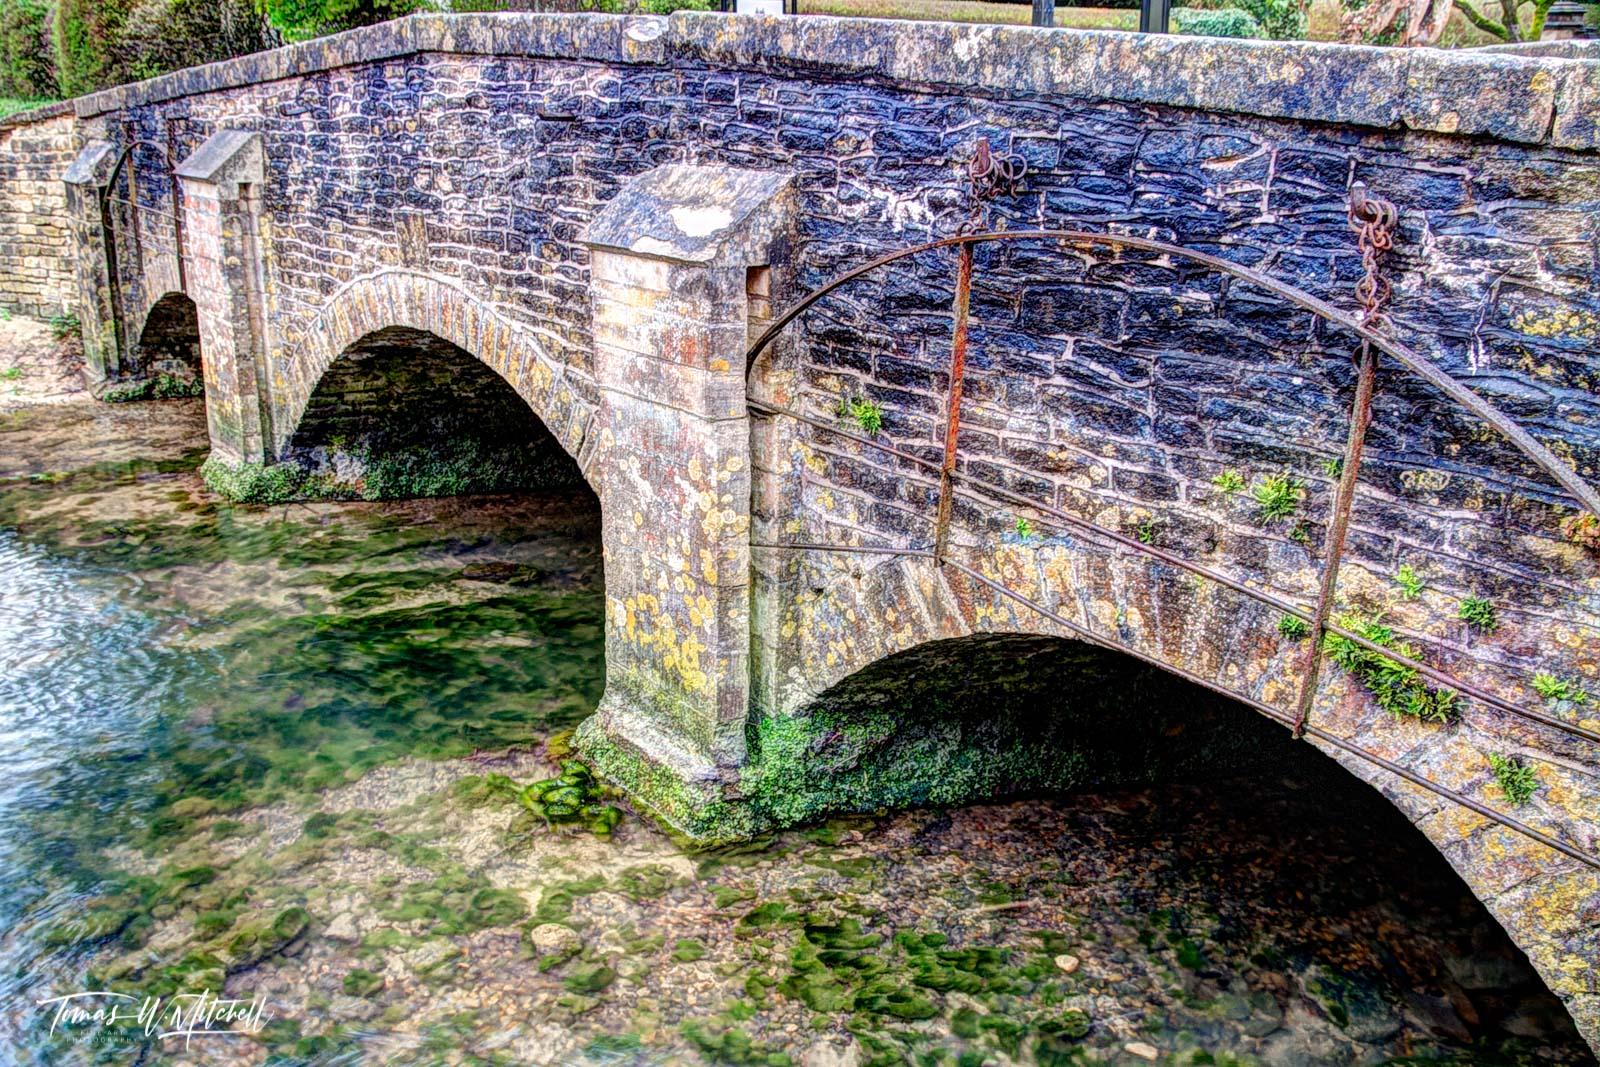 England, Castlecombe, Cotswolds, Bridge, Old bridges, Museum Grade, Fine Art, photograph, photo